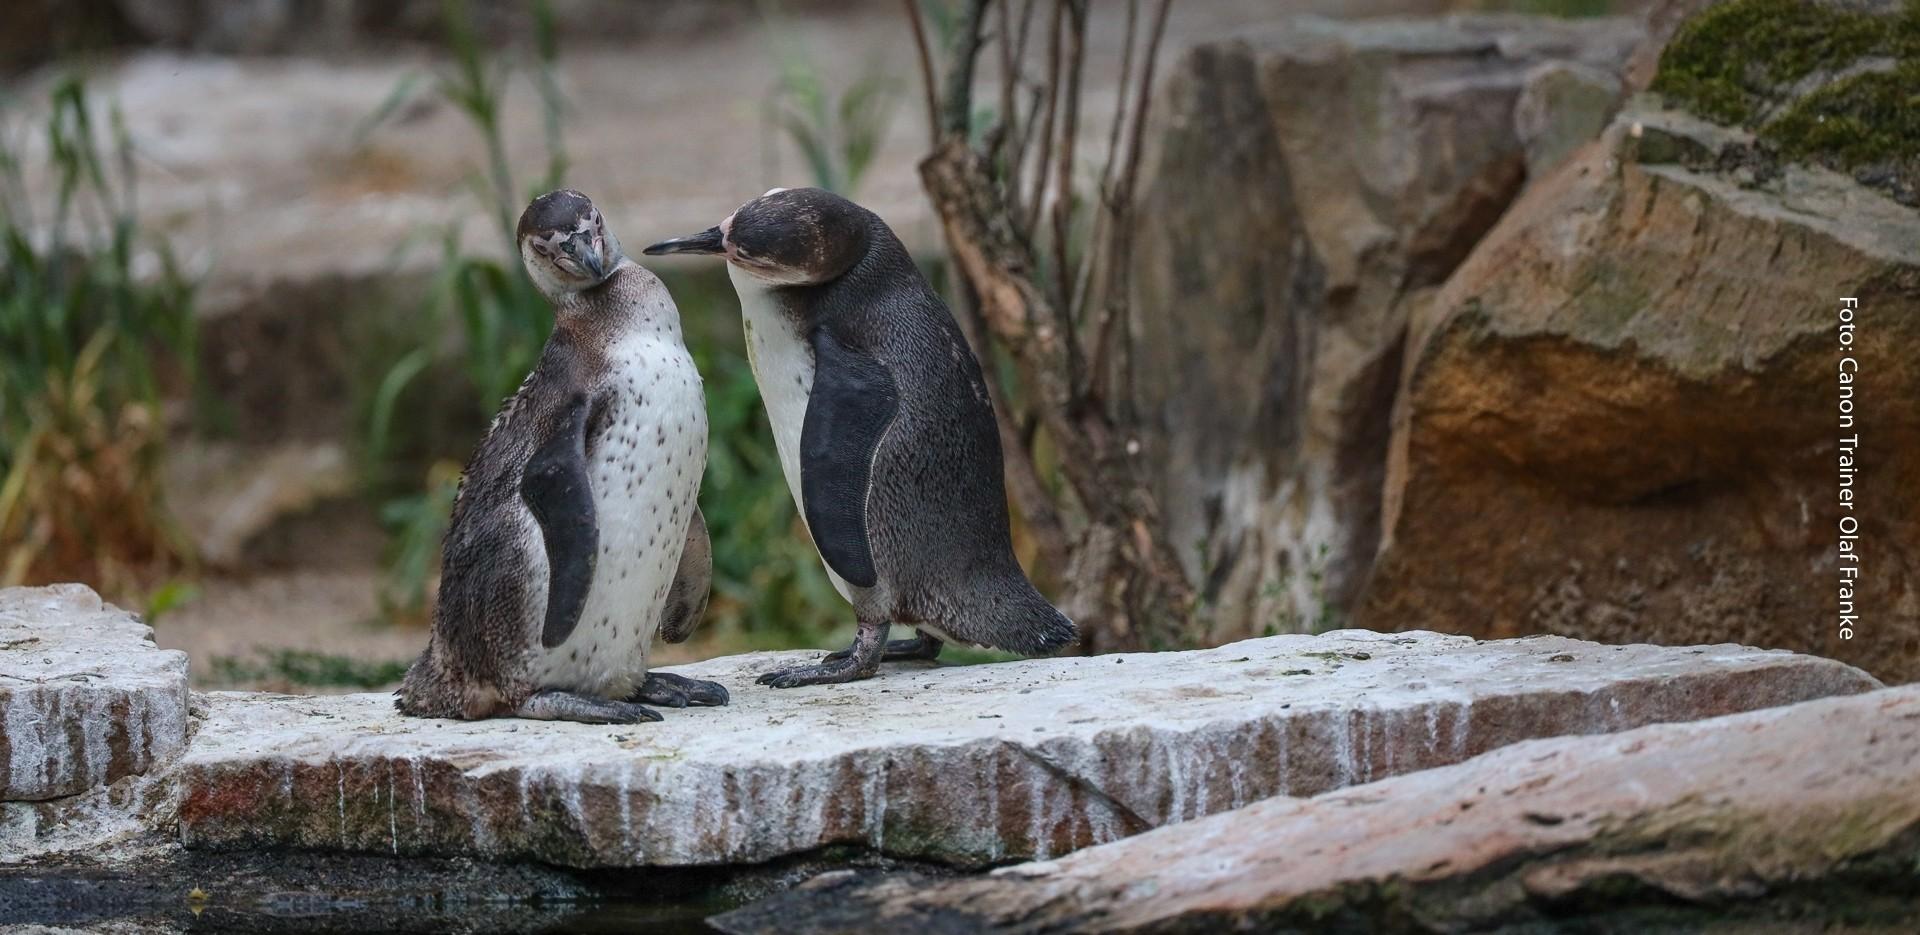 Fotografieren hinter verschlossenen Türen - Zoonacht Berlin - Canon Academy Natur-, Tier- und Makro